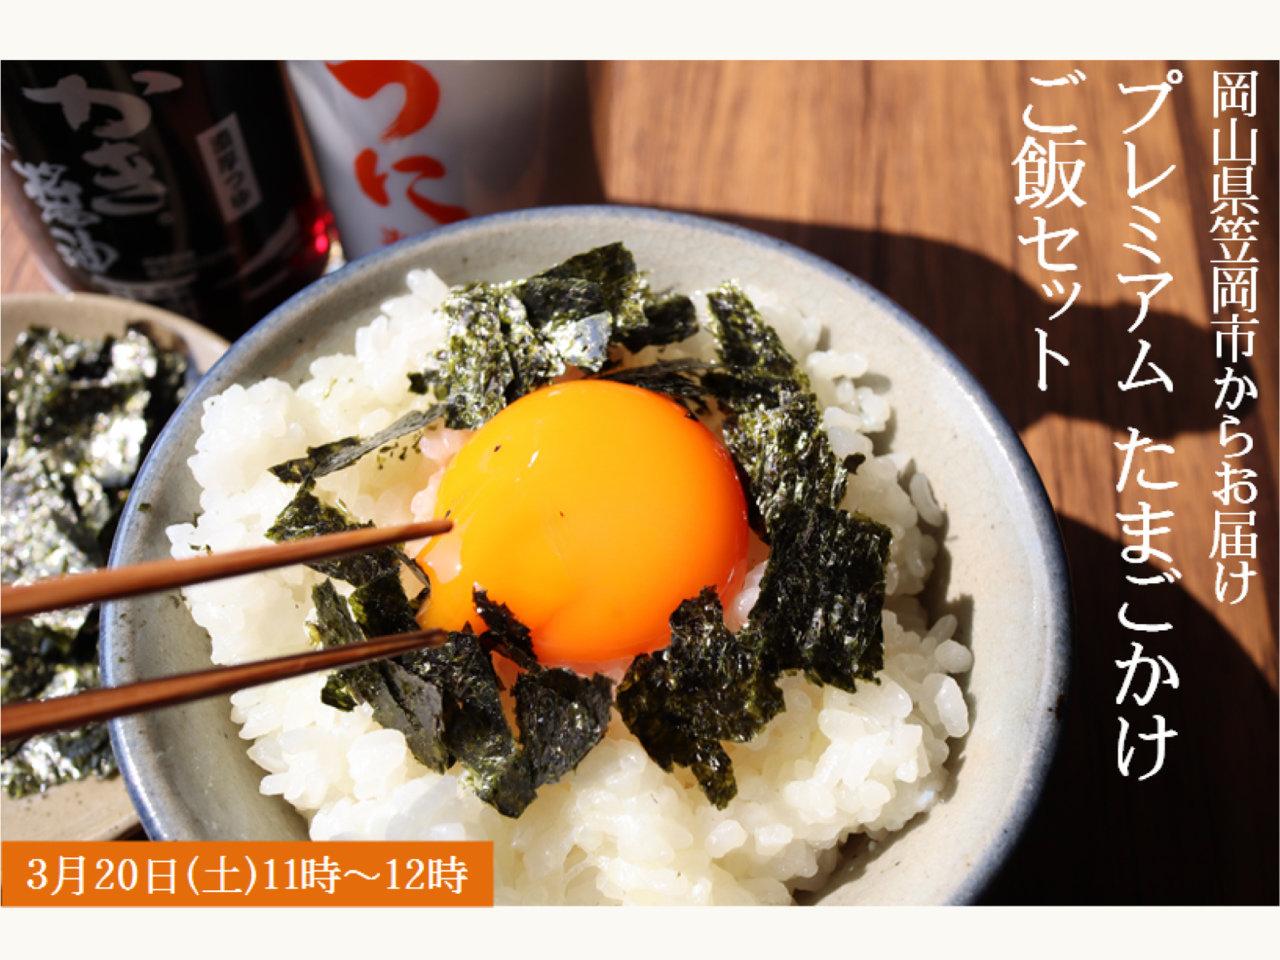 生産者イチオシ!岡山県笠岡市がプレミアムたまごかけご飯のオンラインイベントを開催です。